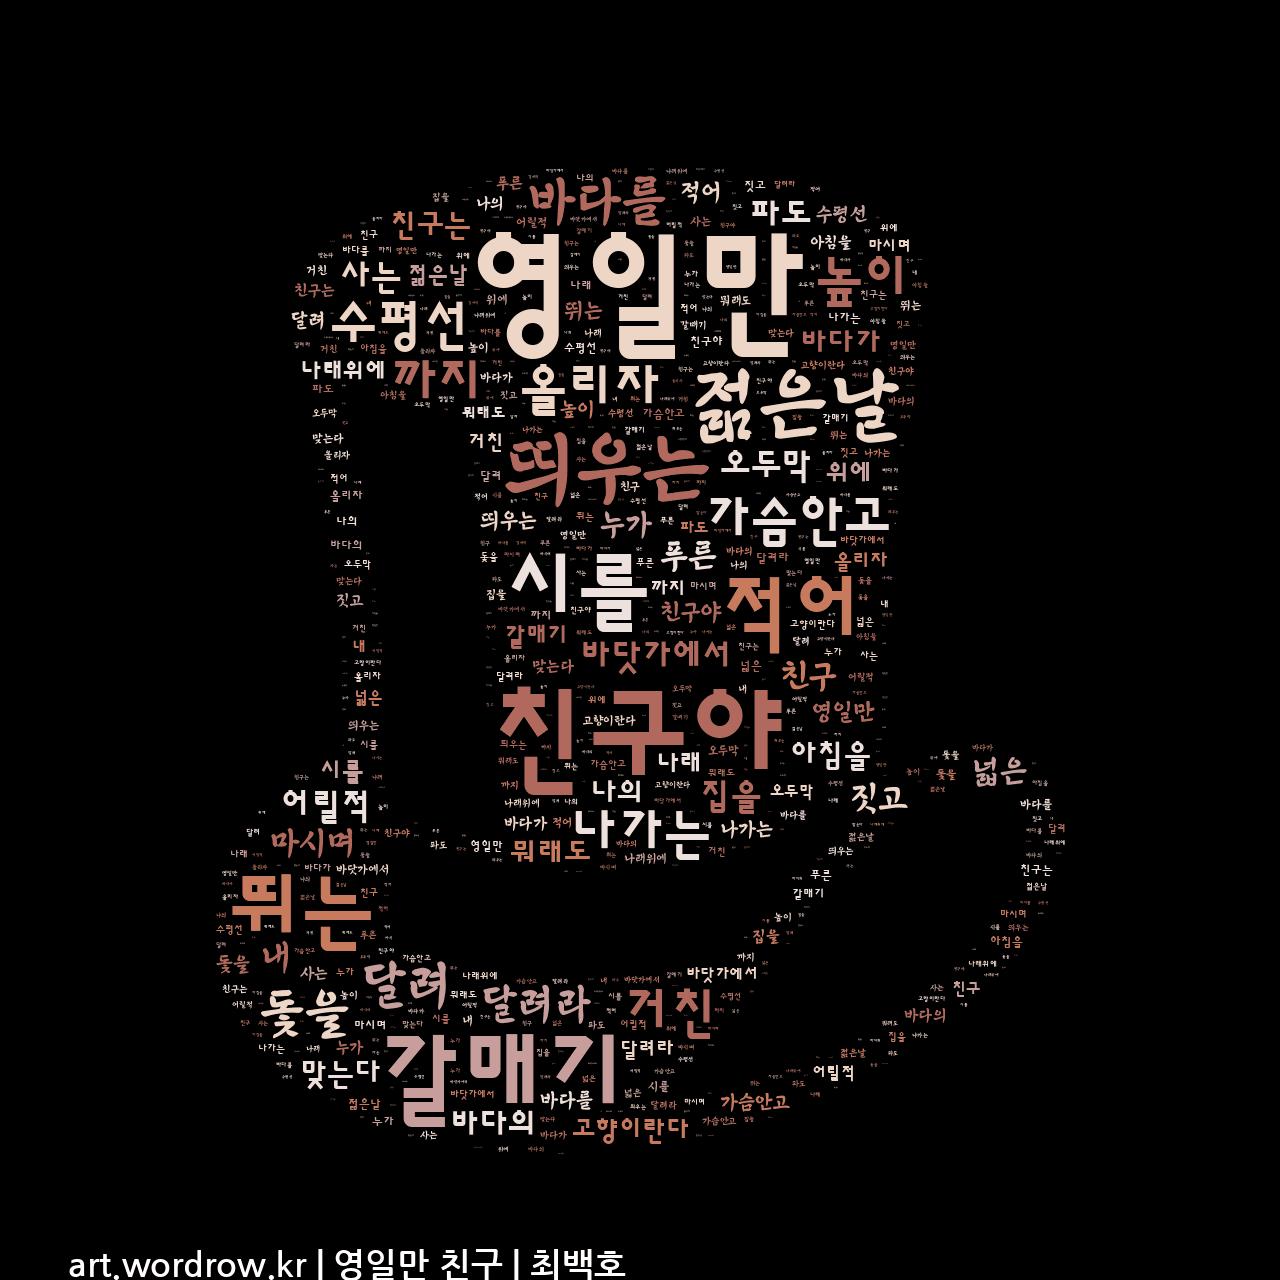 워드 아트: 영일만 친구 [최백호]-30